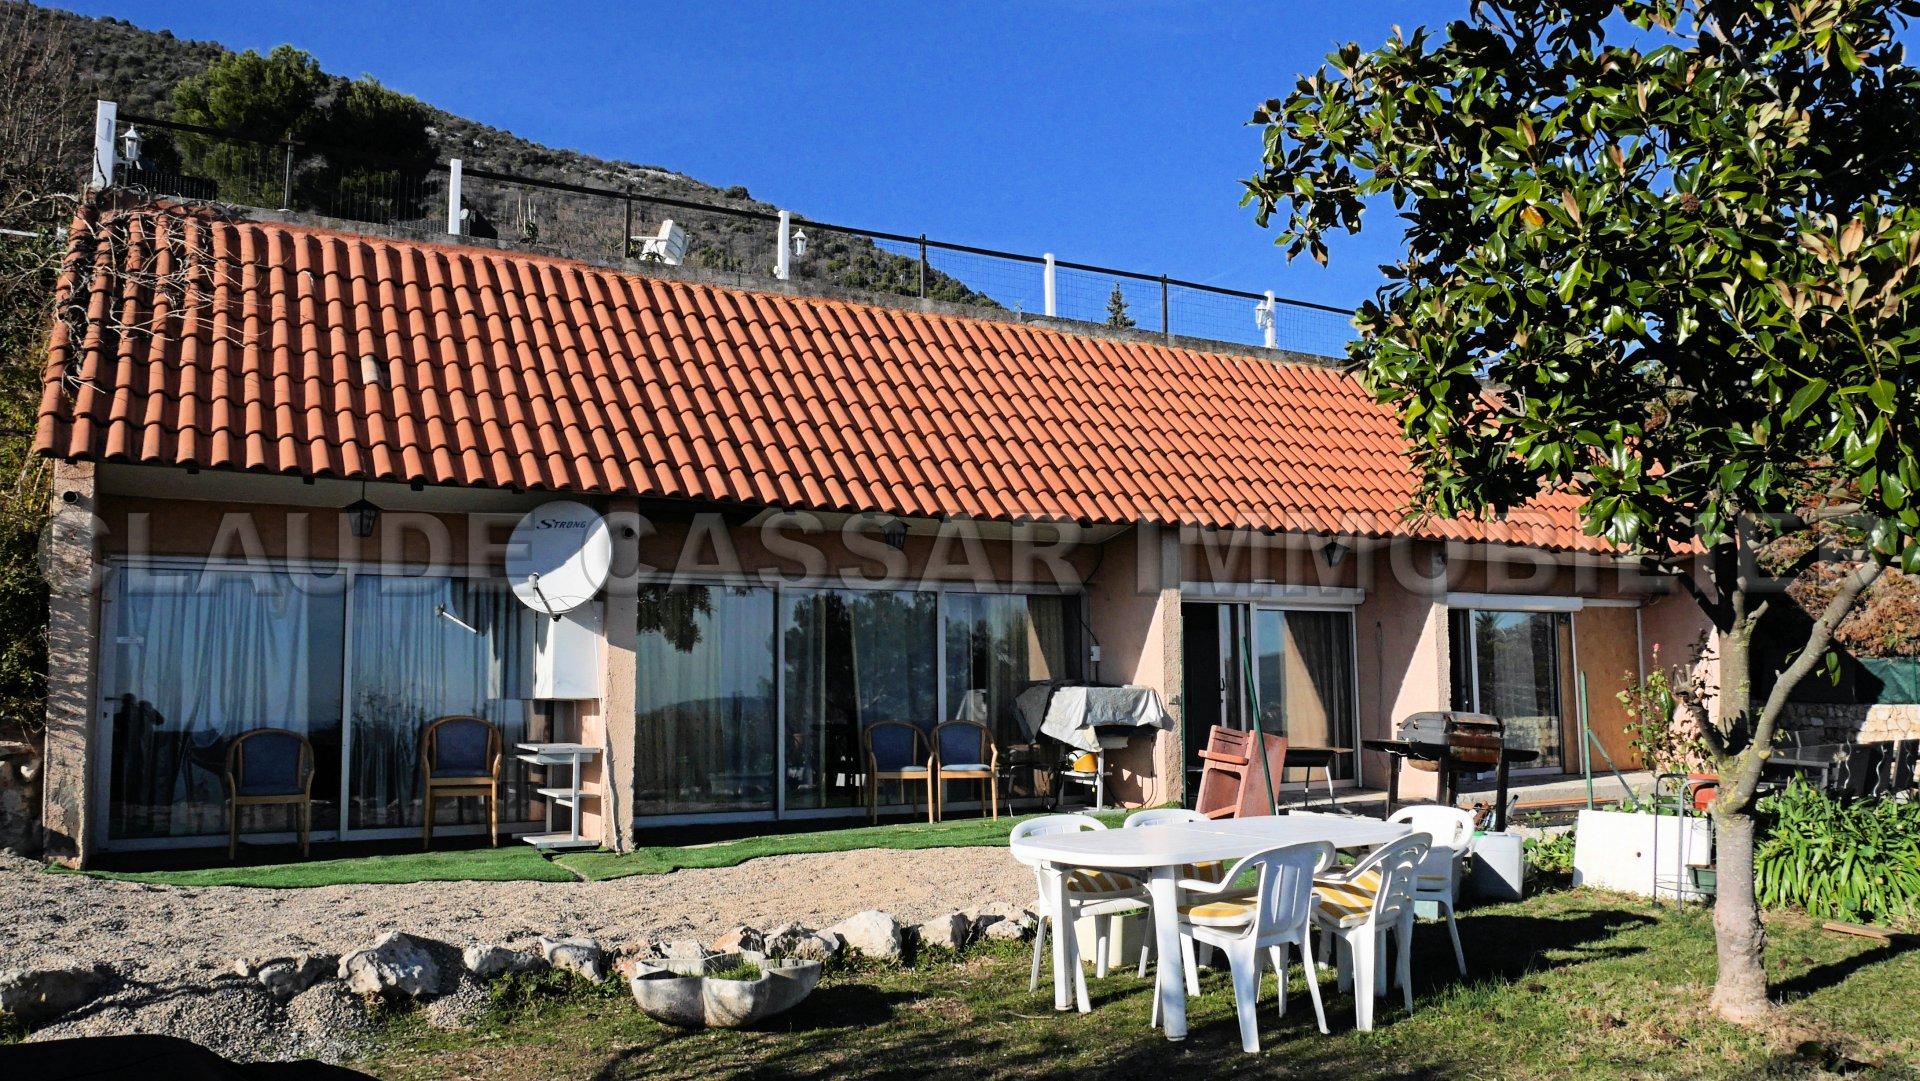 Villa consisting of three apartments plus a studio